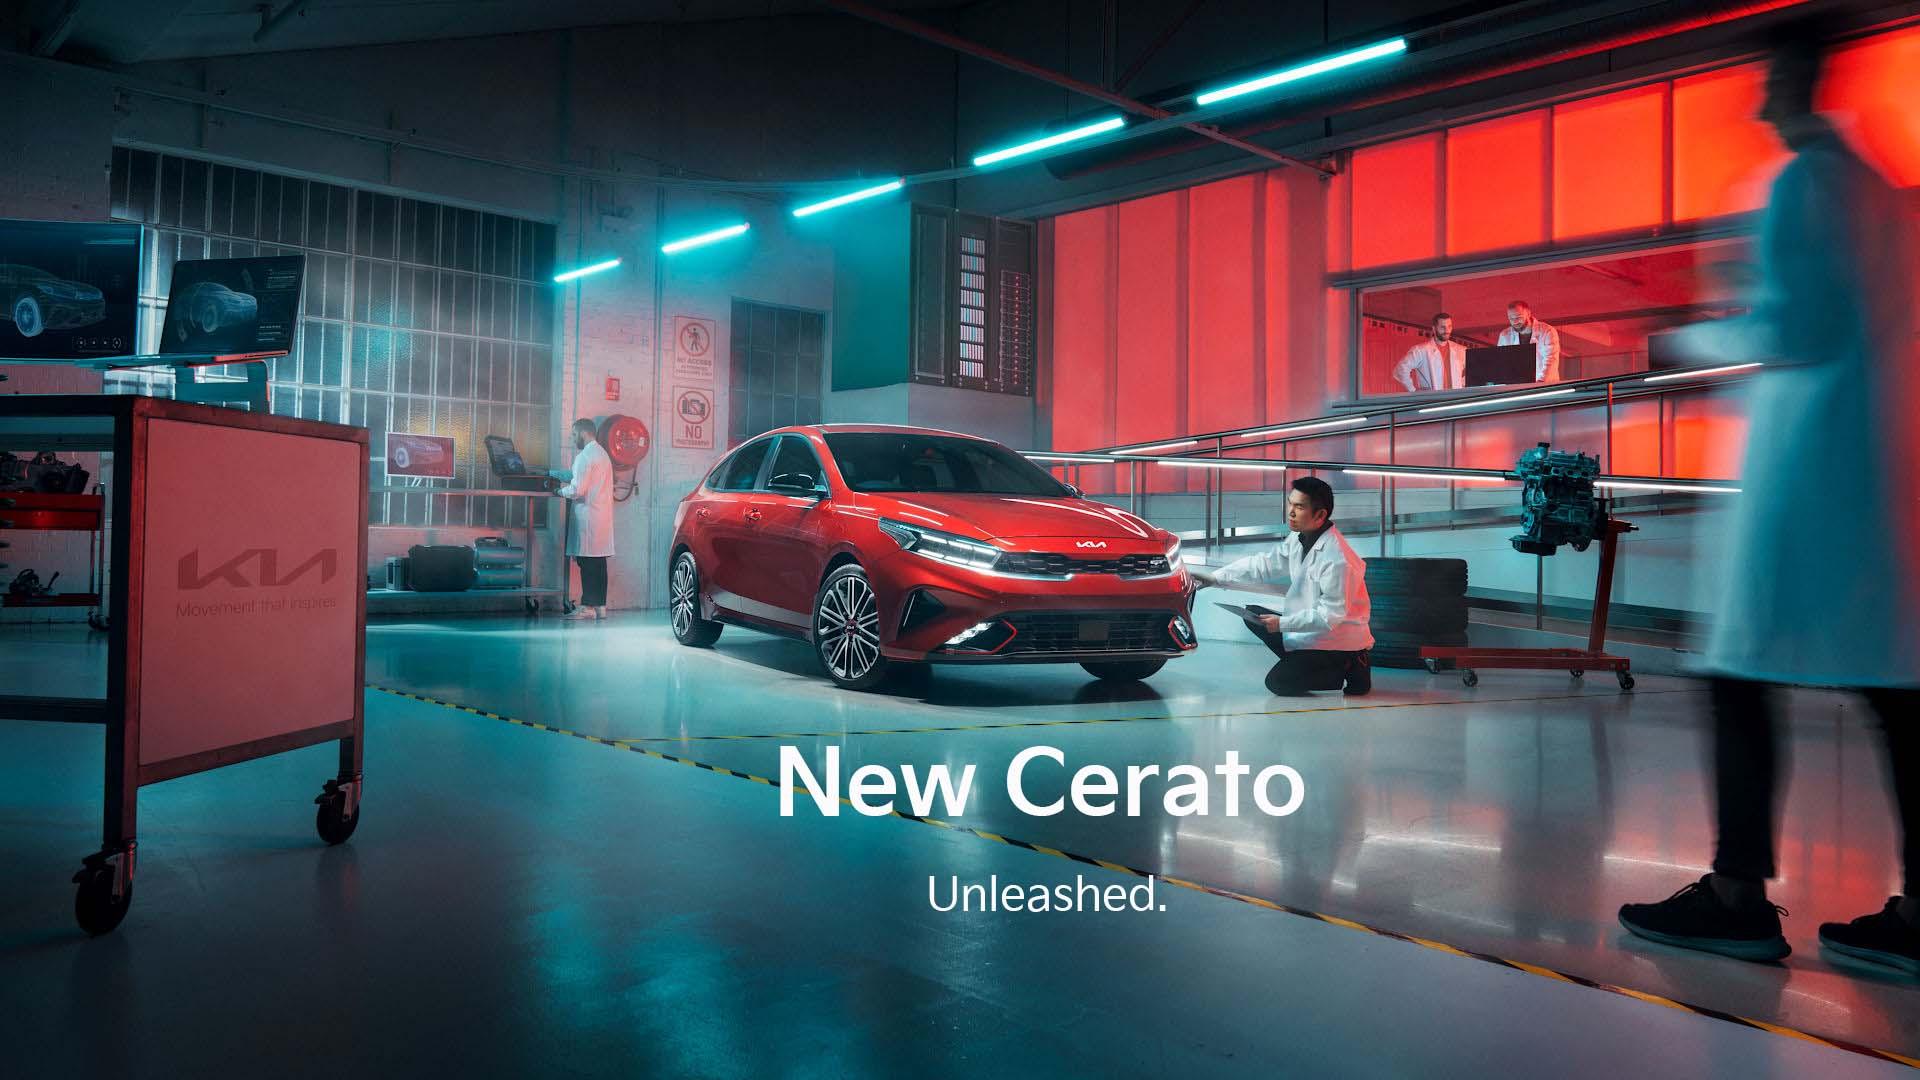 Kia-HPB-New-Cerato